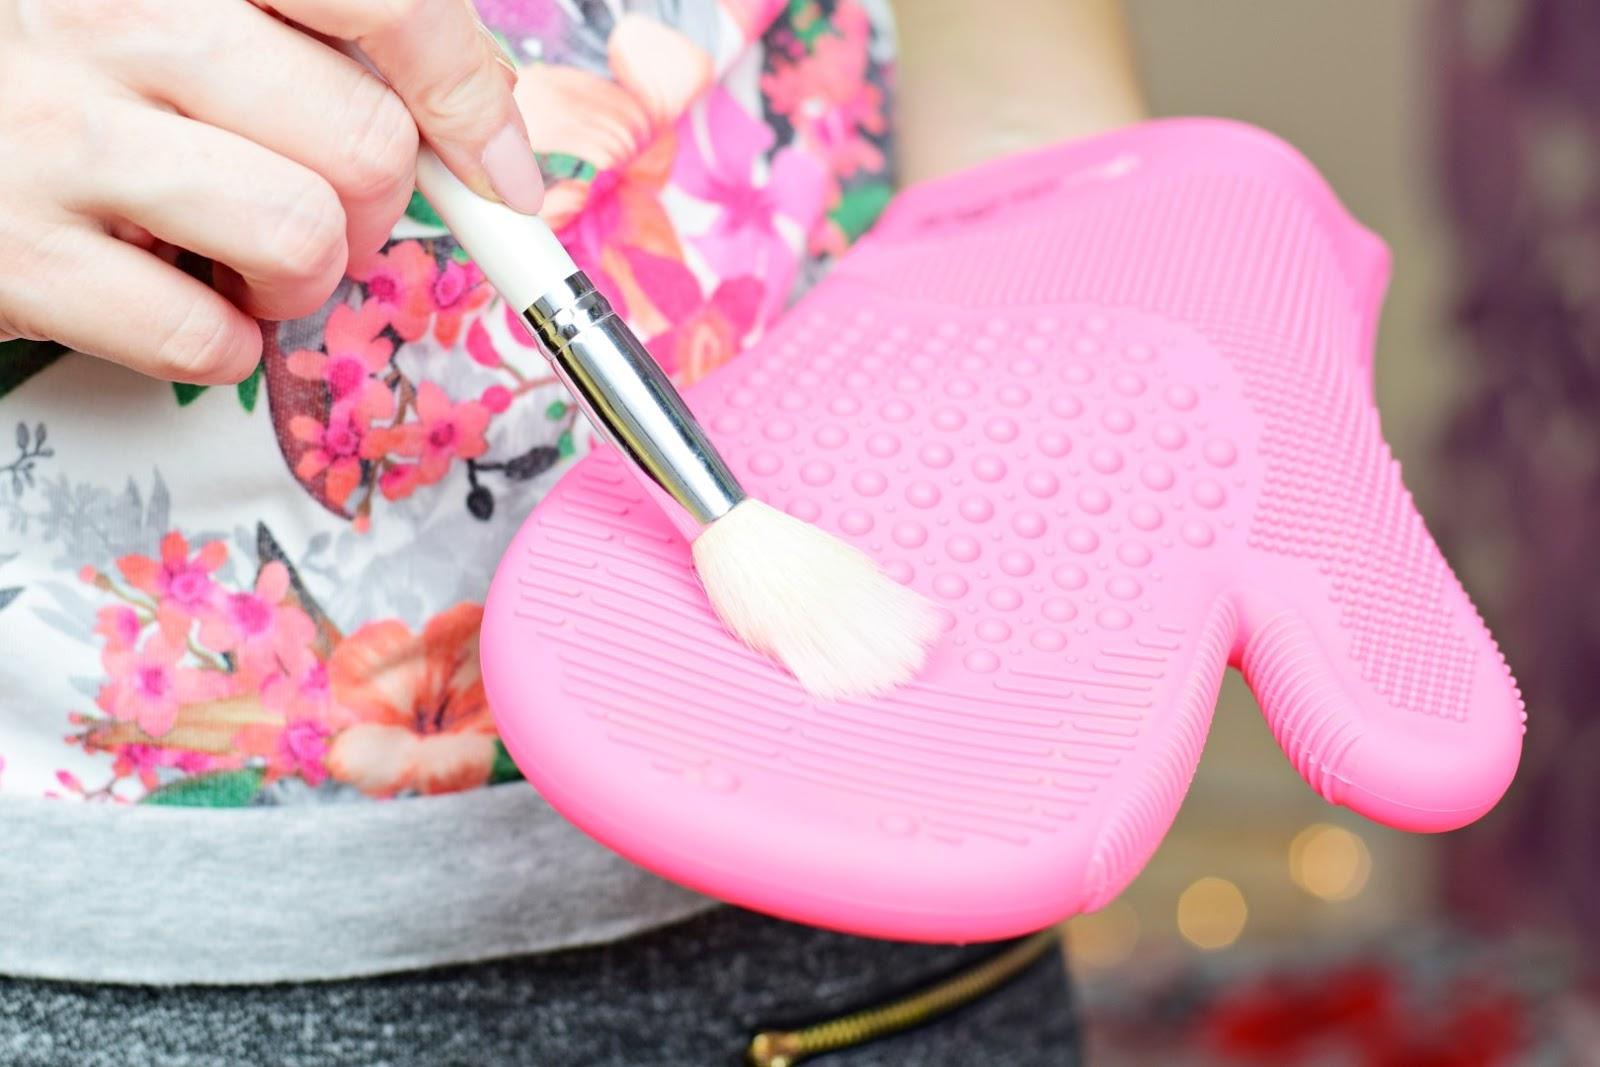 Mademoiselle Magdalene Blog: Uroda | Moda | Lifestyle: Gadżety Kobiety: GlamGlove | Łatwe, szybkie i skuteczne mycie pędzli?